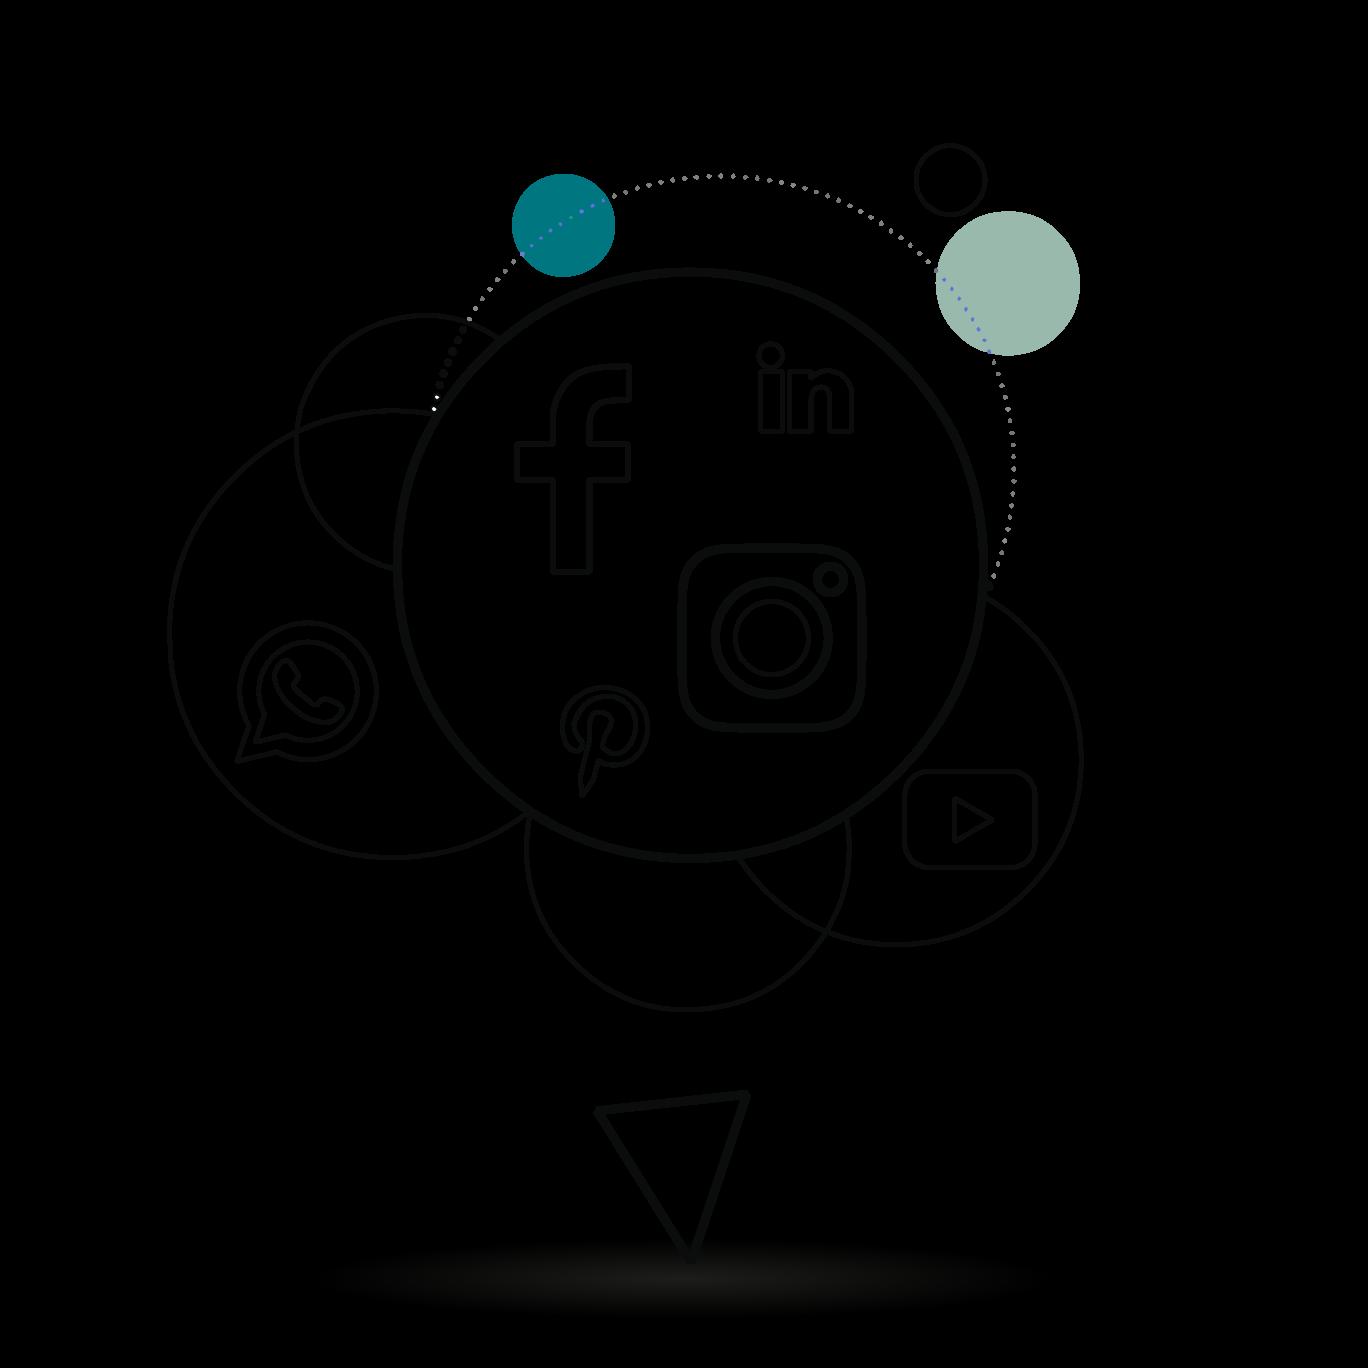 icone réseaux sociaux 7essentiels